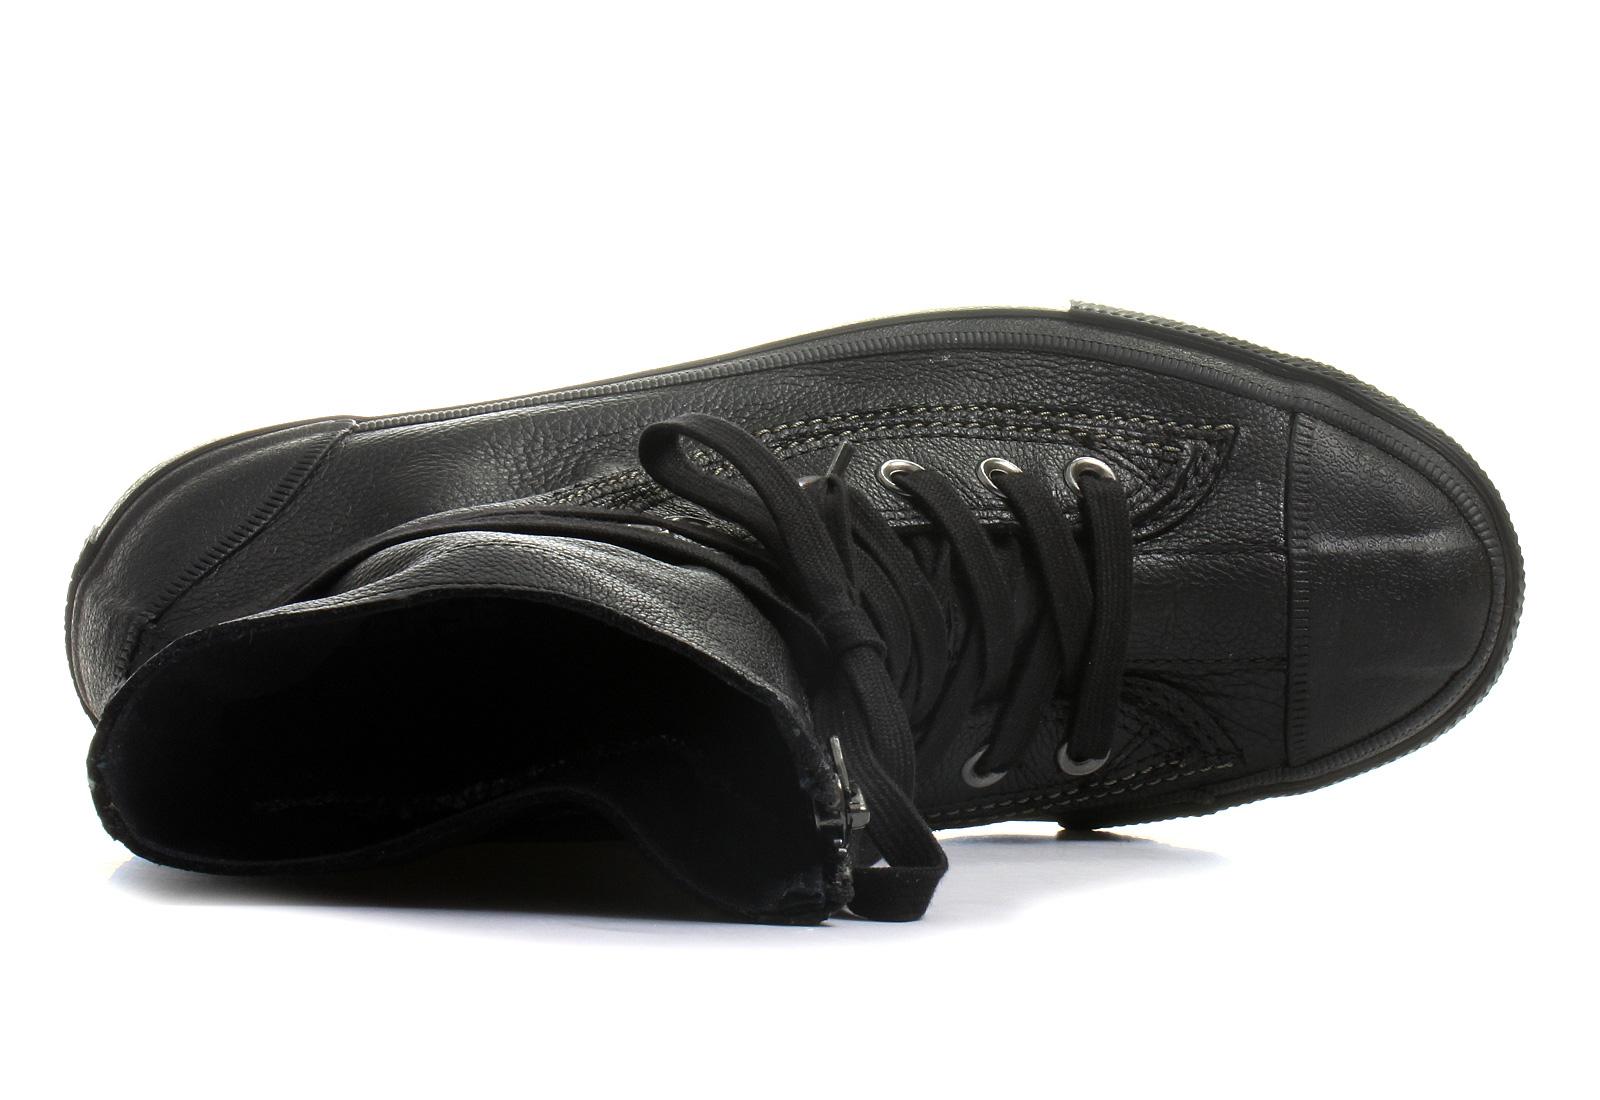 Converse Sneakers - Chuck Taylor All Star Combat Boot - 144716C ... de6d9f38cb0